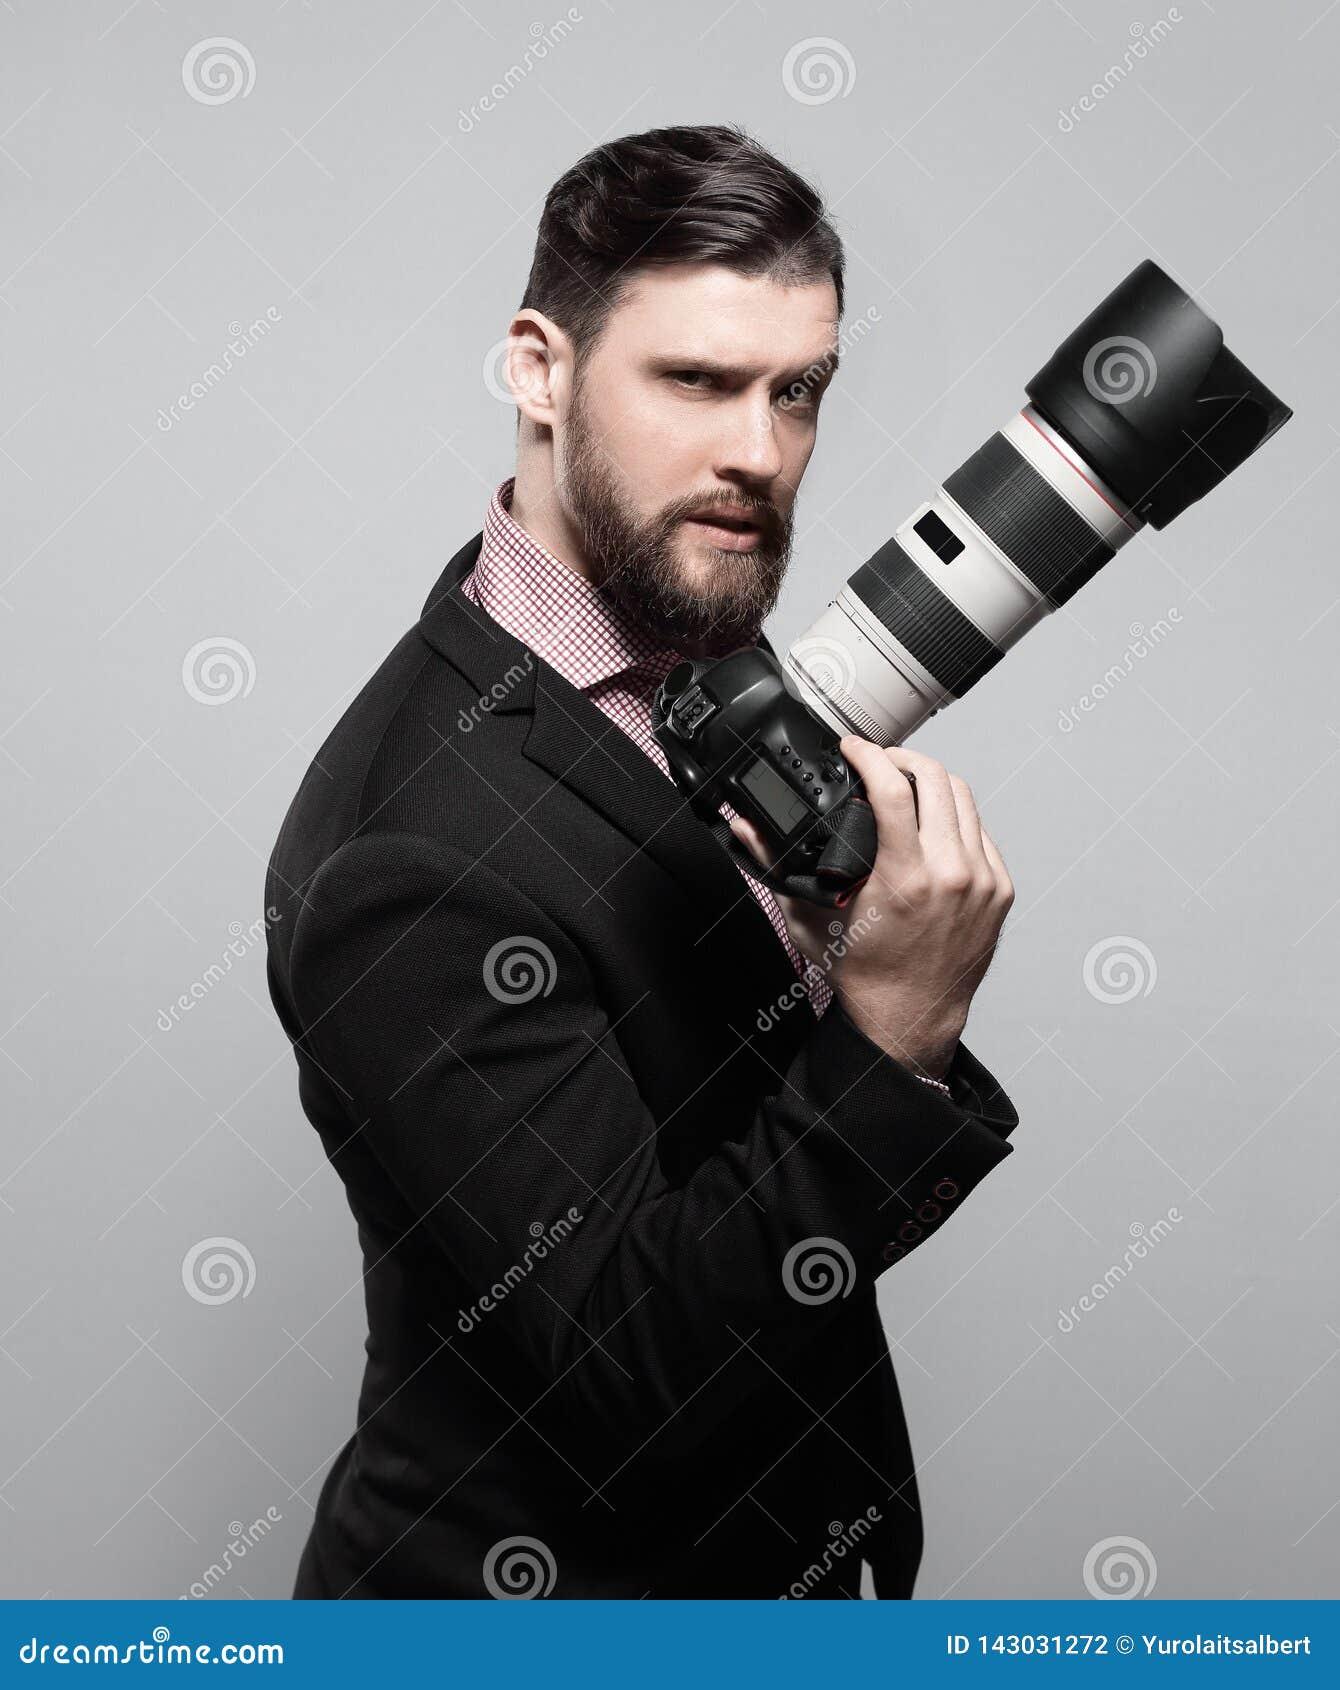 профессионал фотографа камеры цифровой Фото с космосом экземпляра